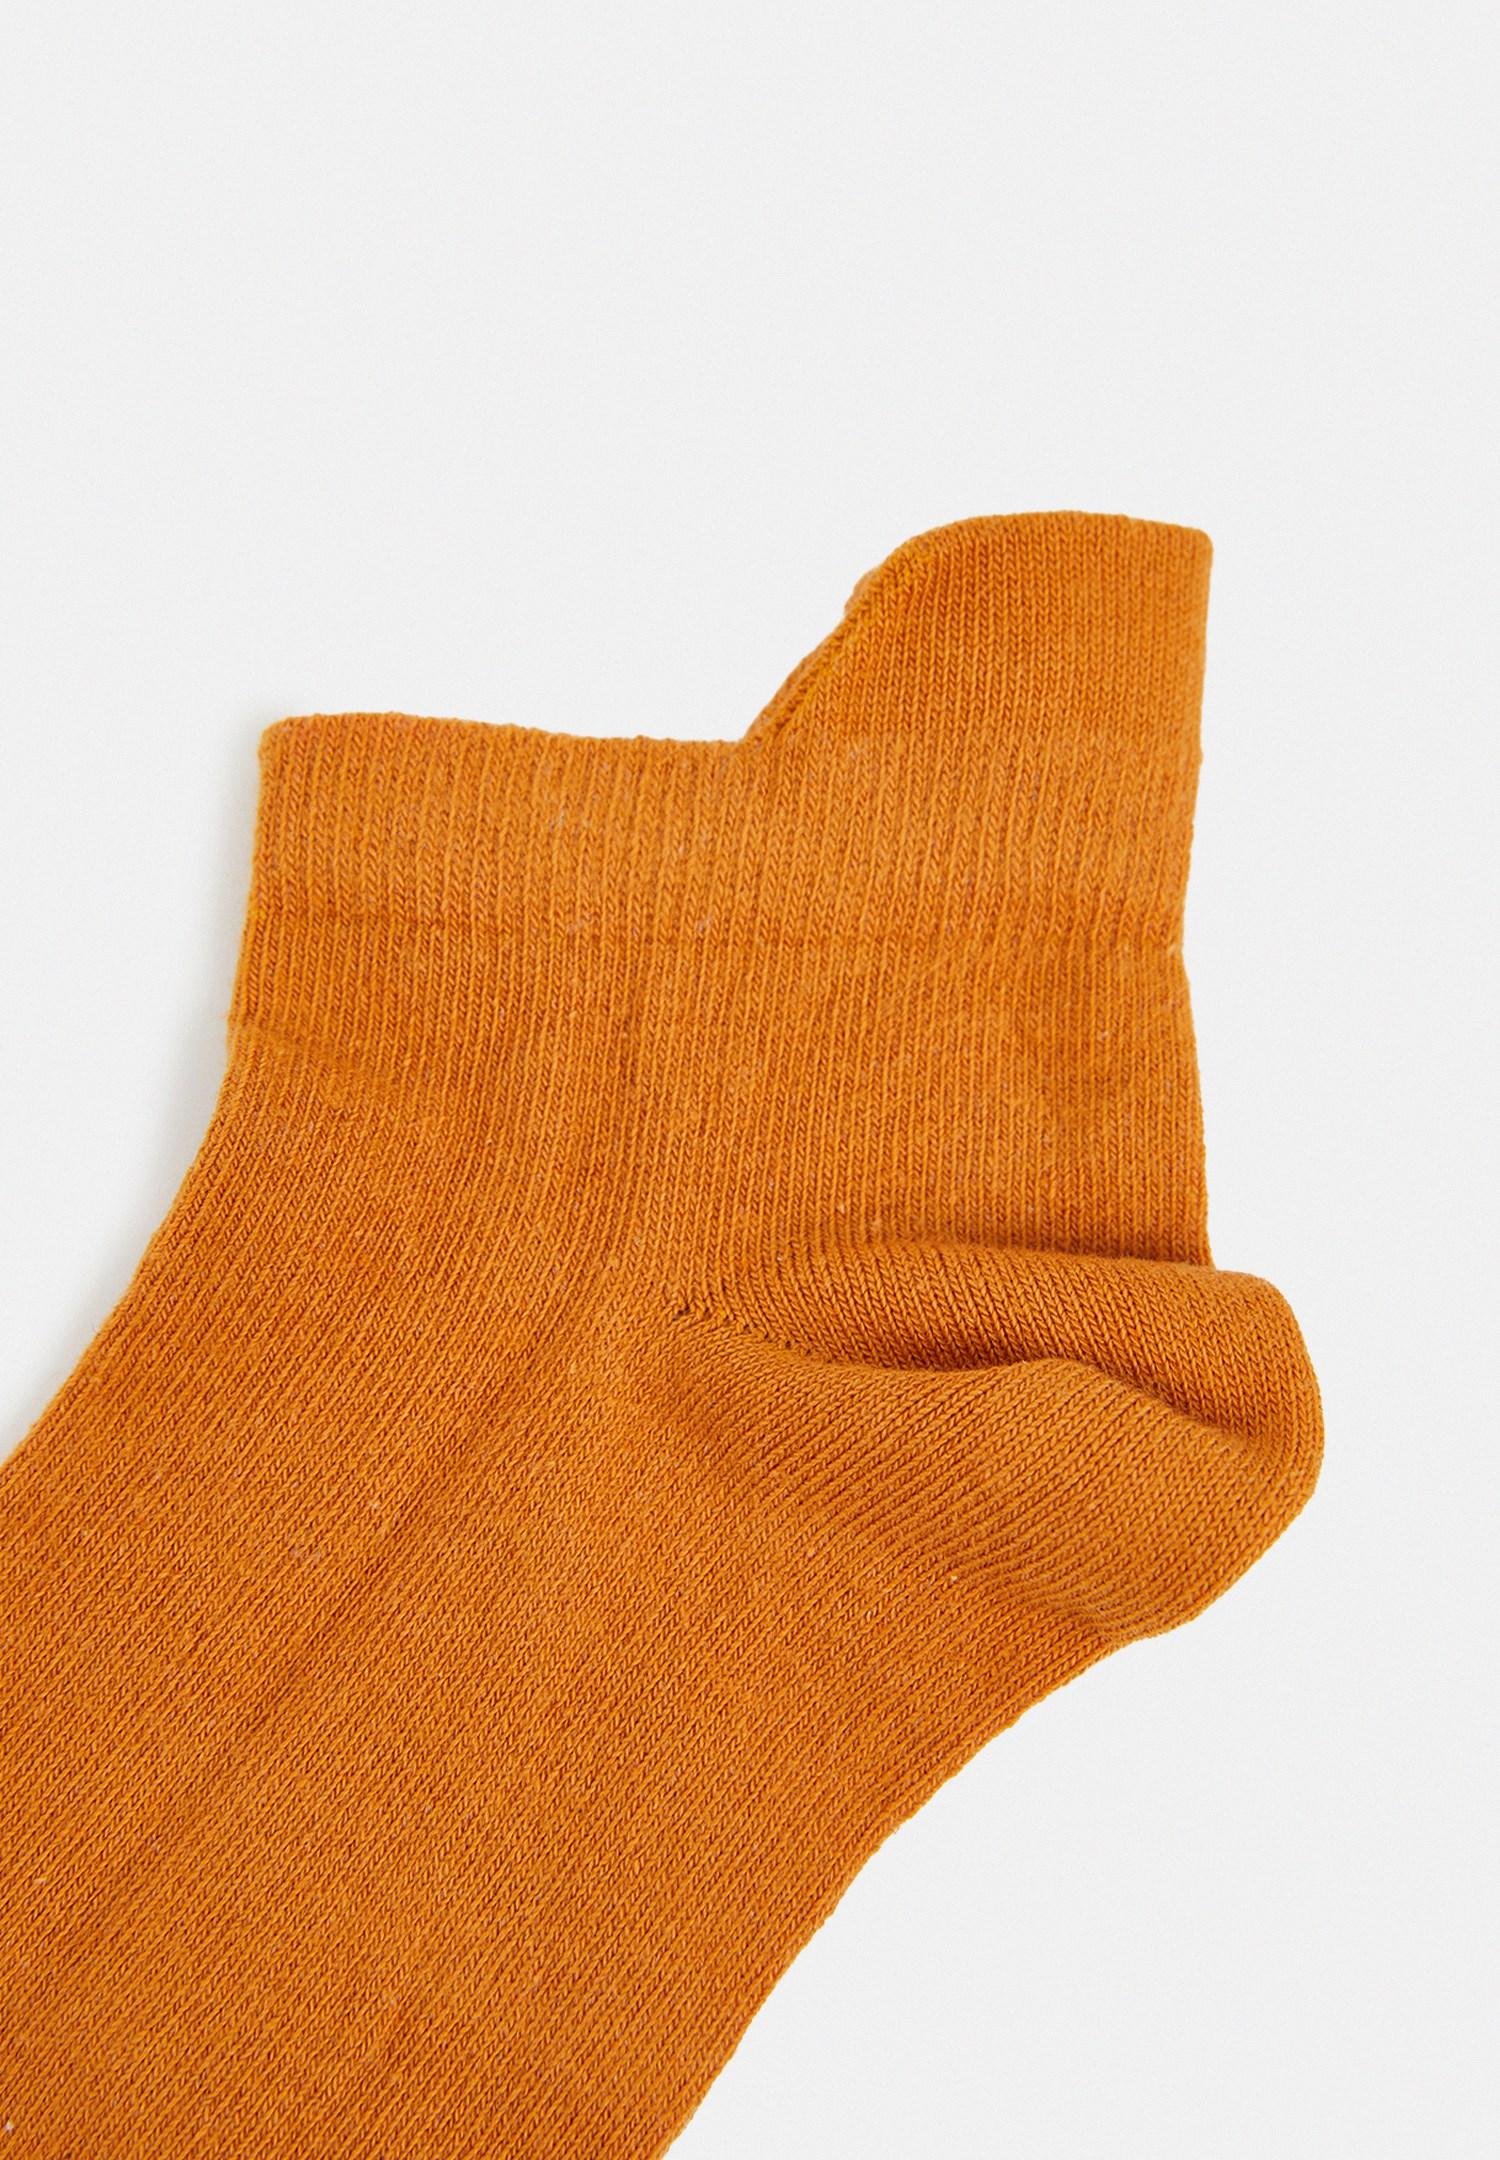 Bayan Sarı Kısa Bilek Çorap